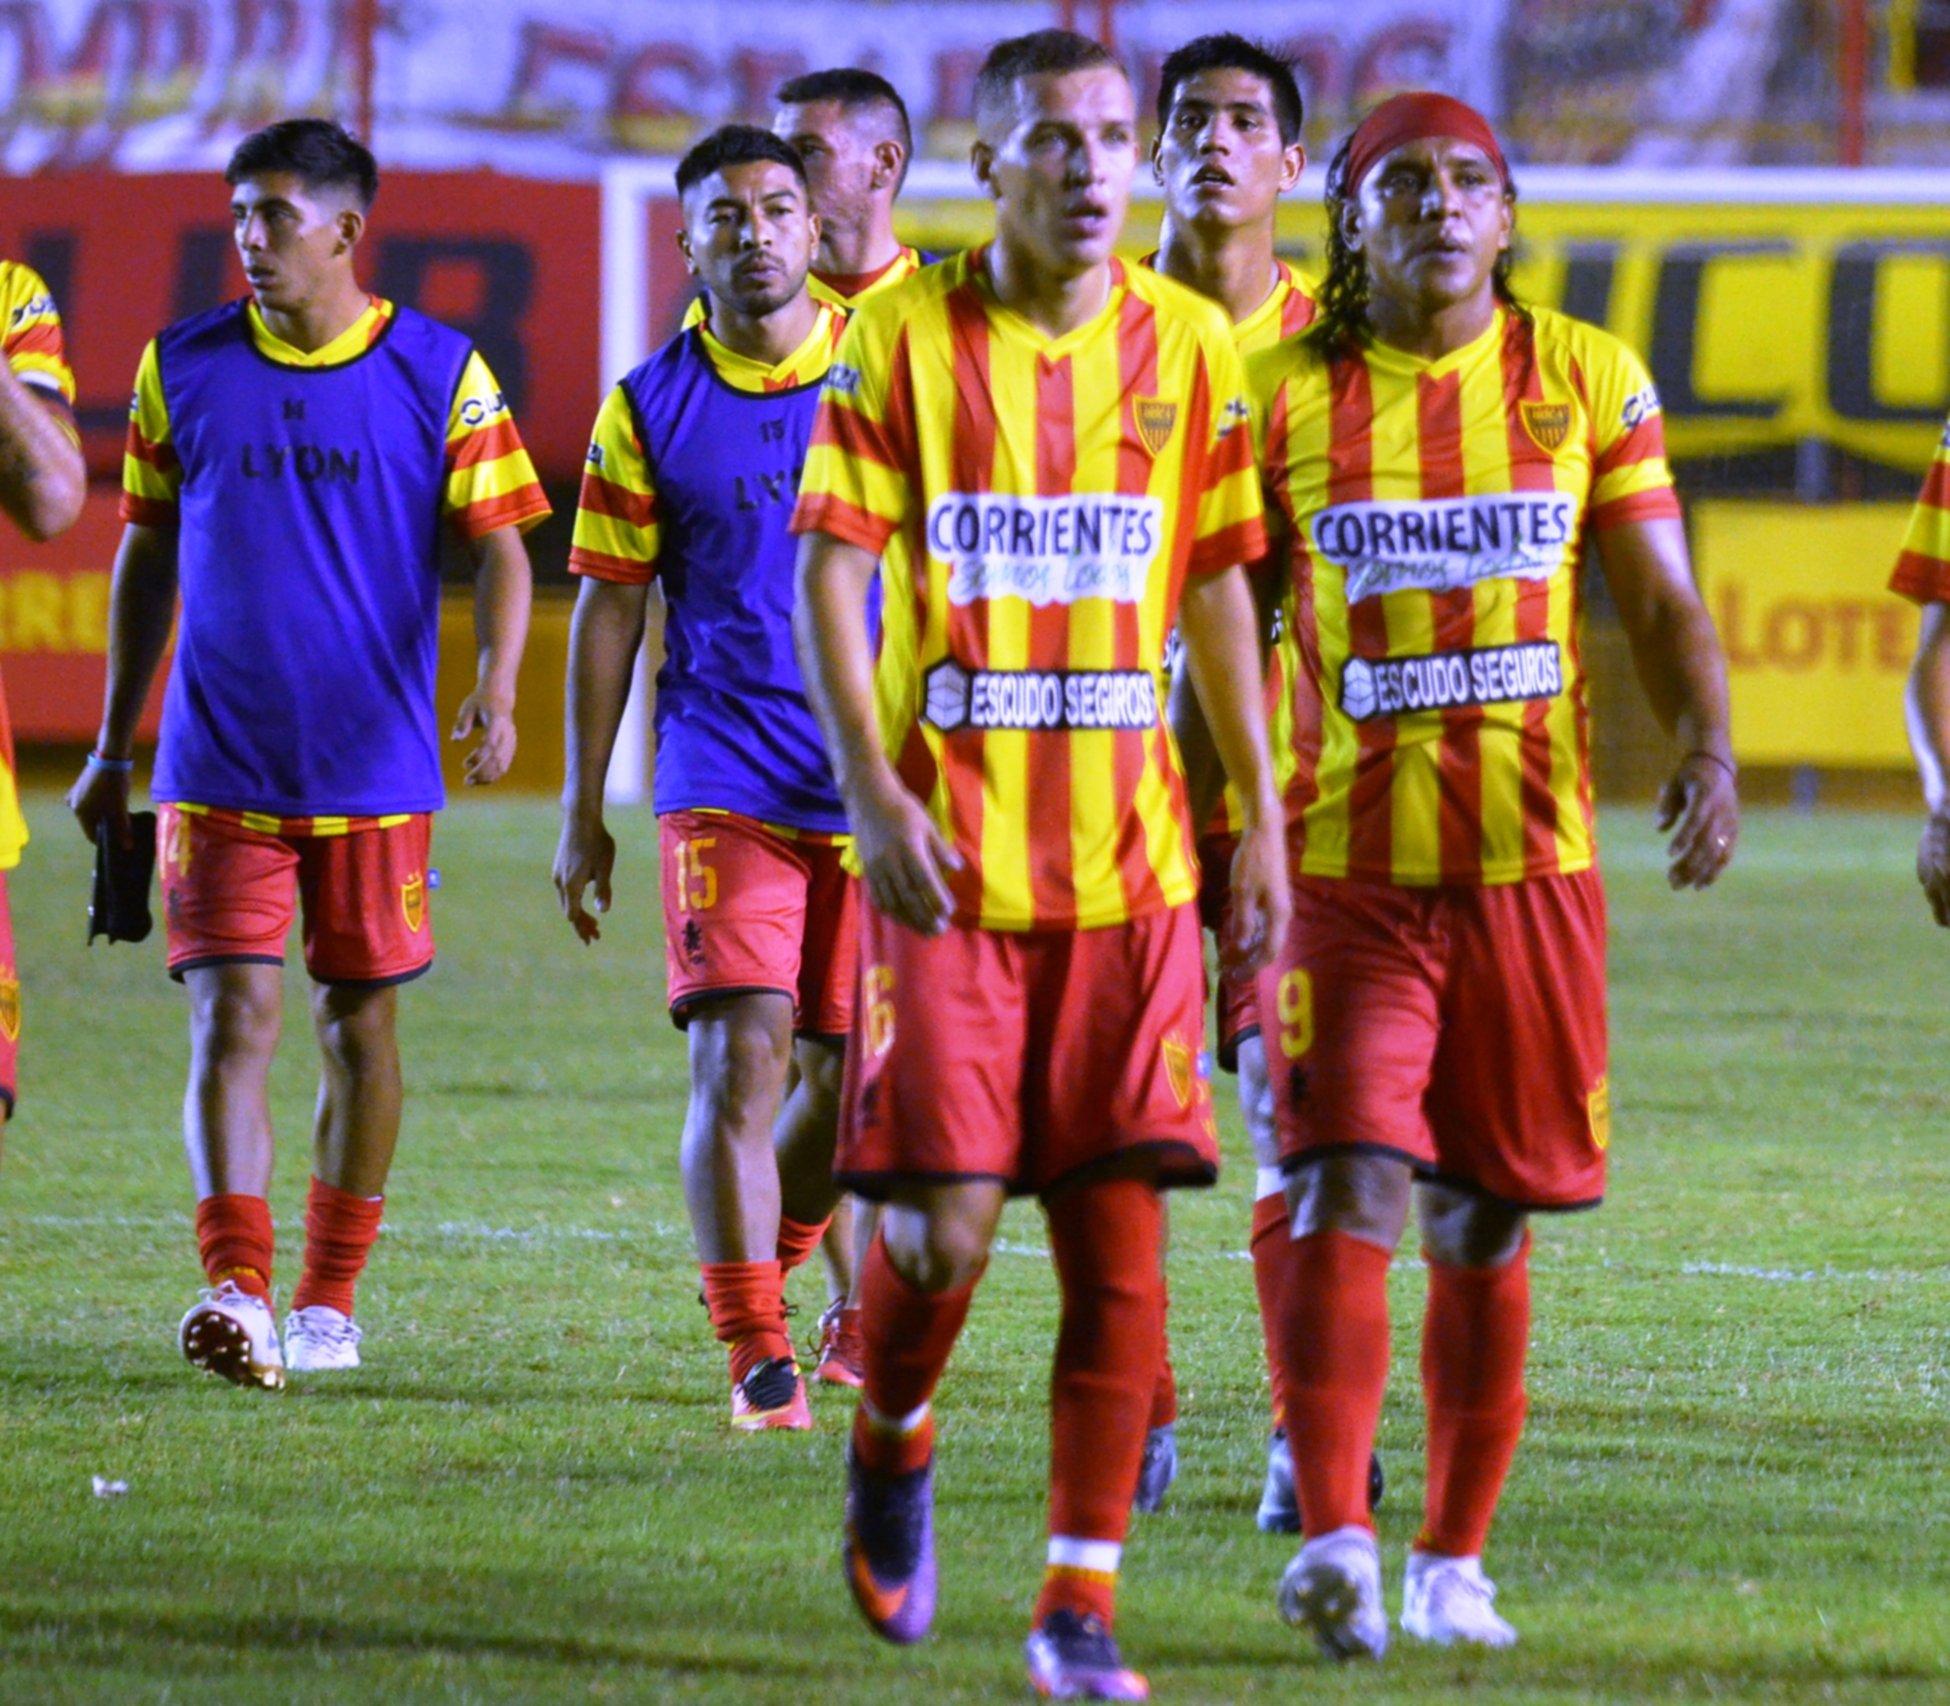 <p>Niz. El juvenil (en la imagen junto a Núñez) suplantaría a Gonzalo Ríos en San Juan.</p>